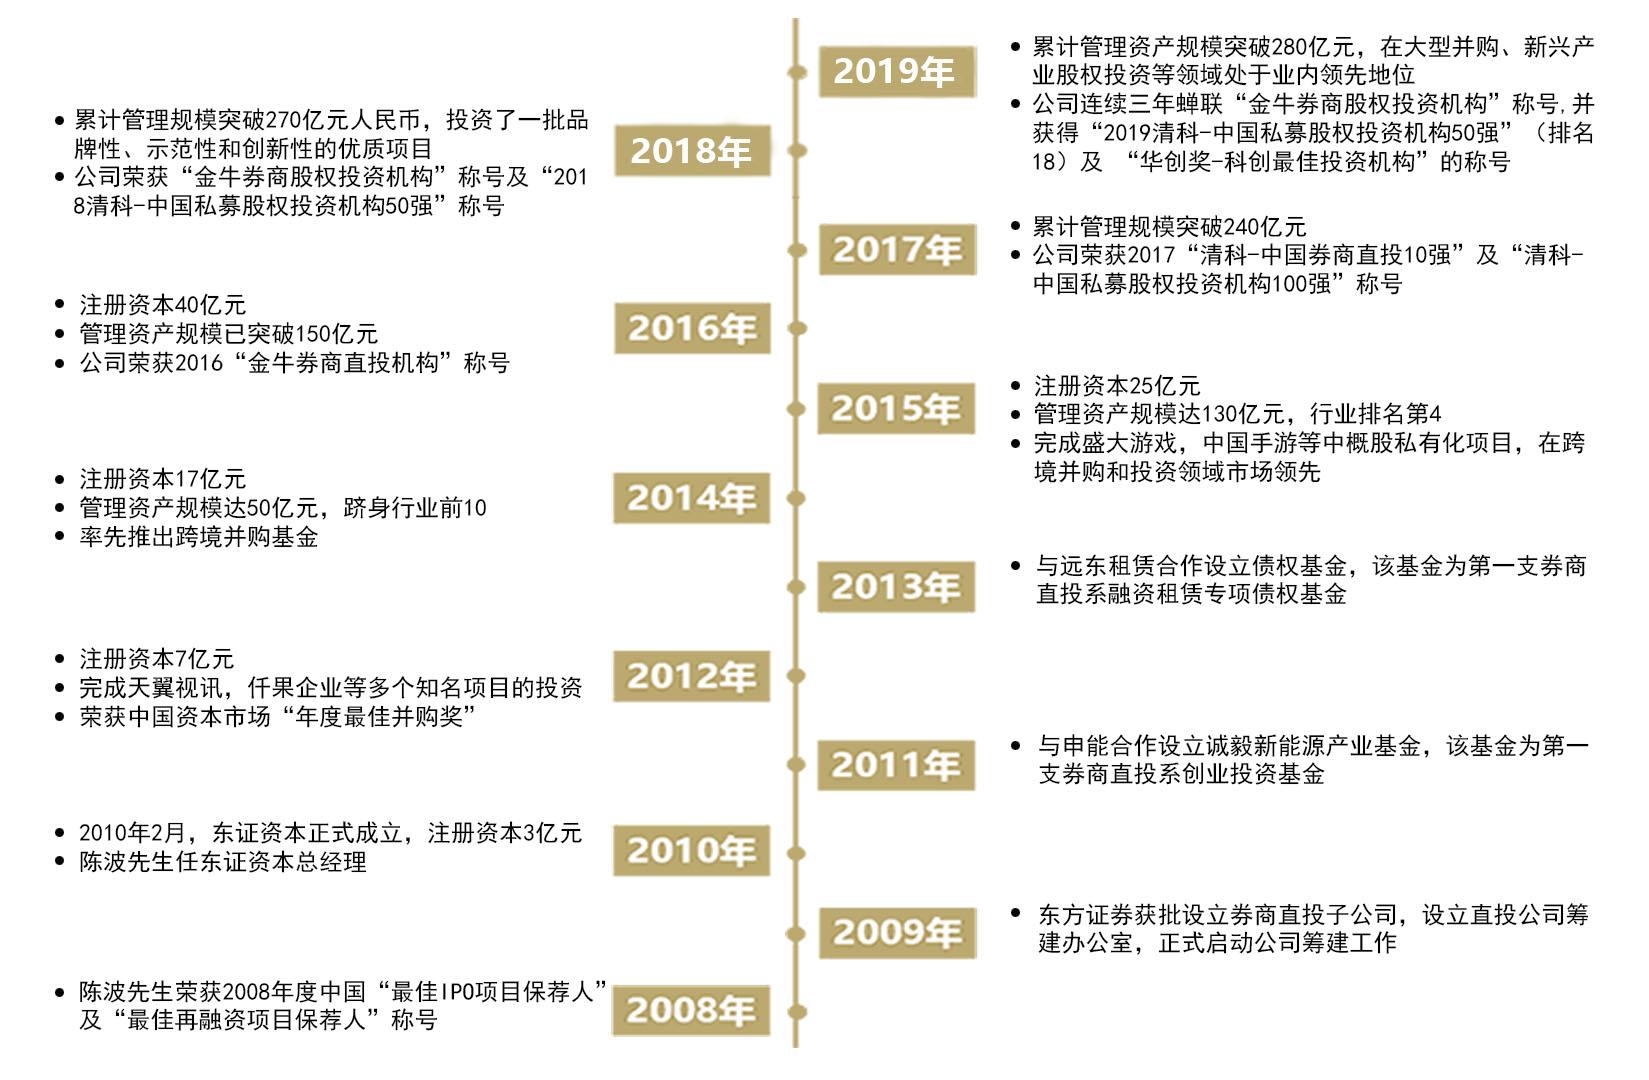 东证发展历程2.jpg